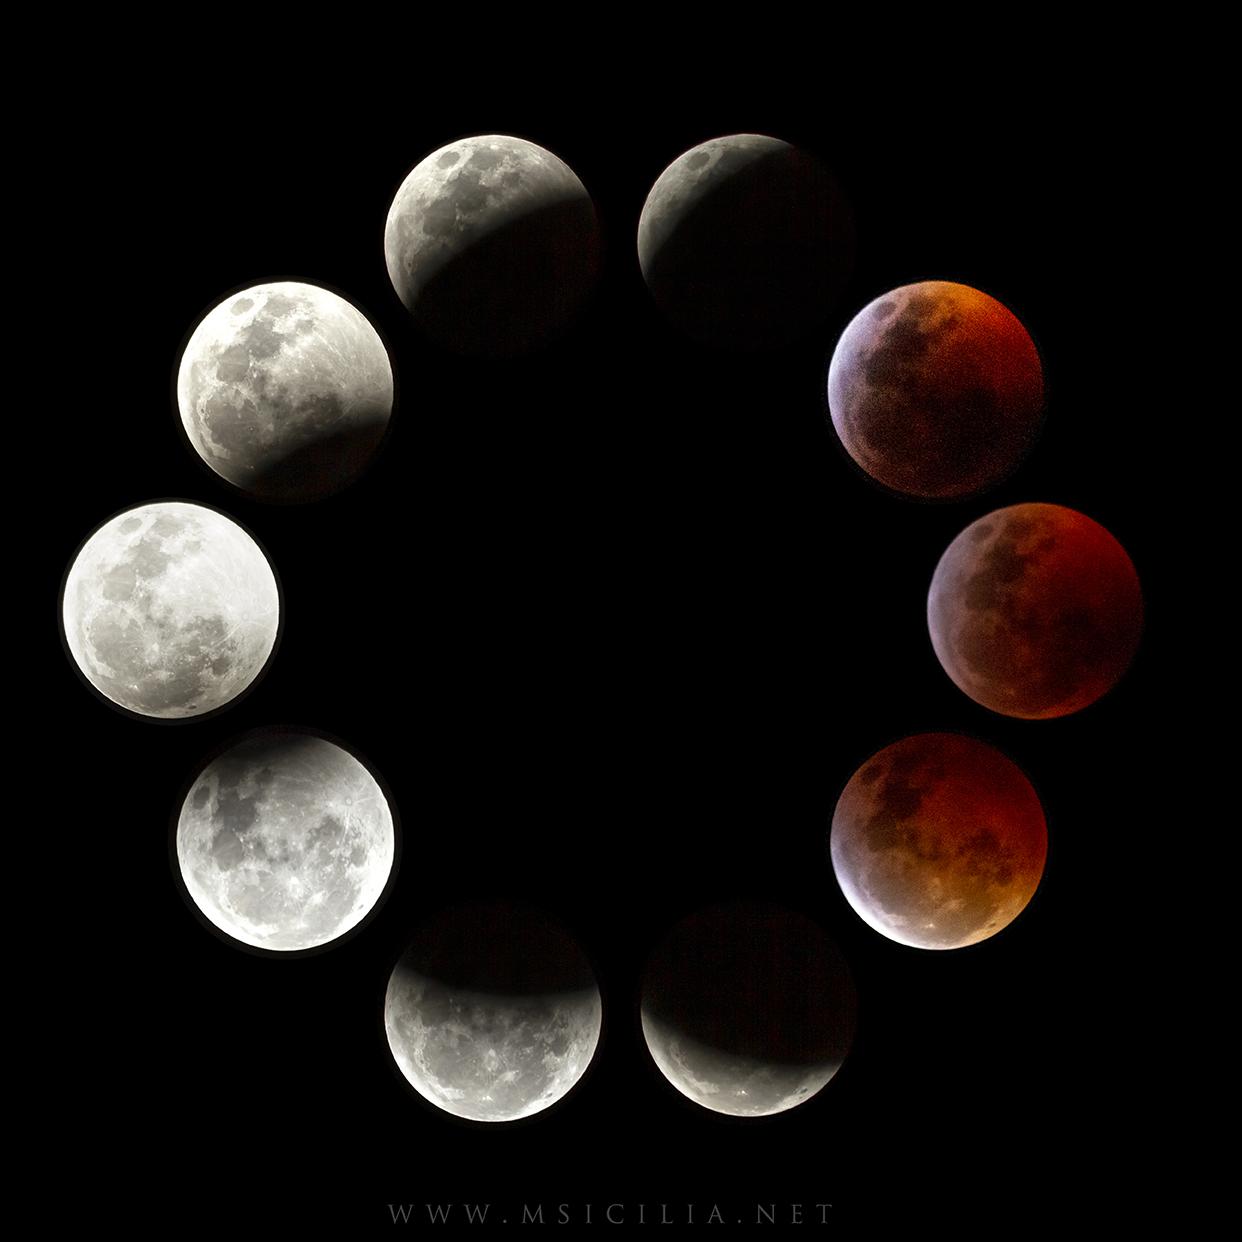 Eclipse - Enero 2019